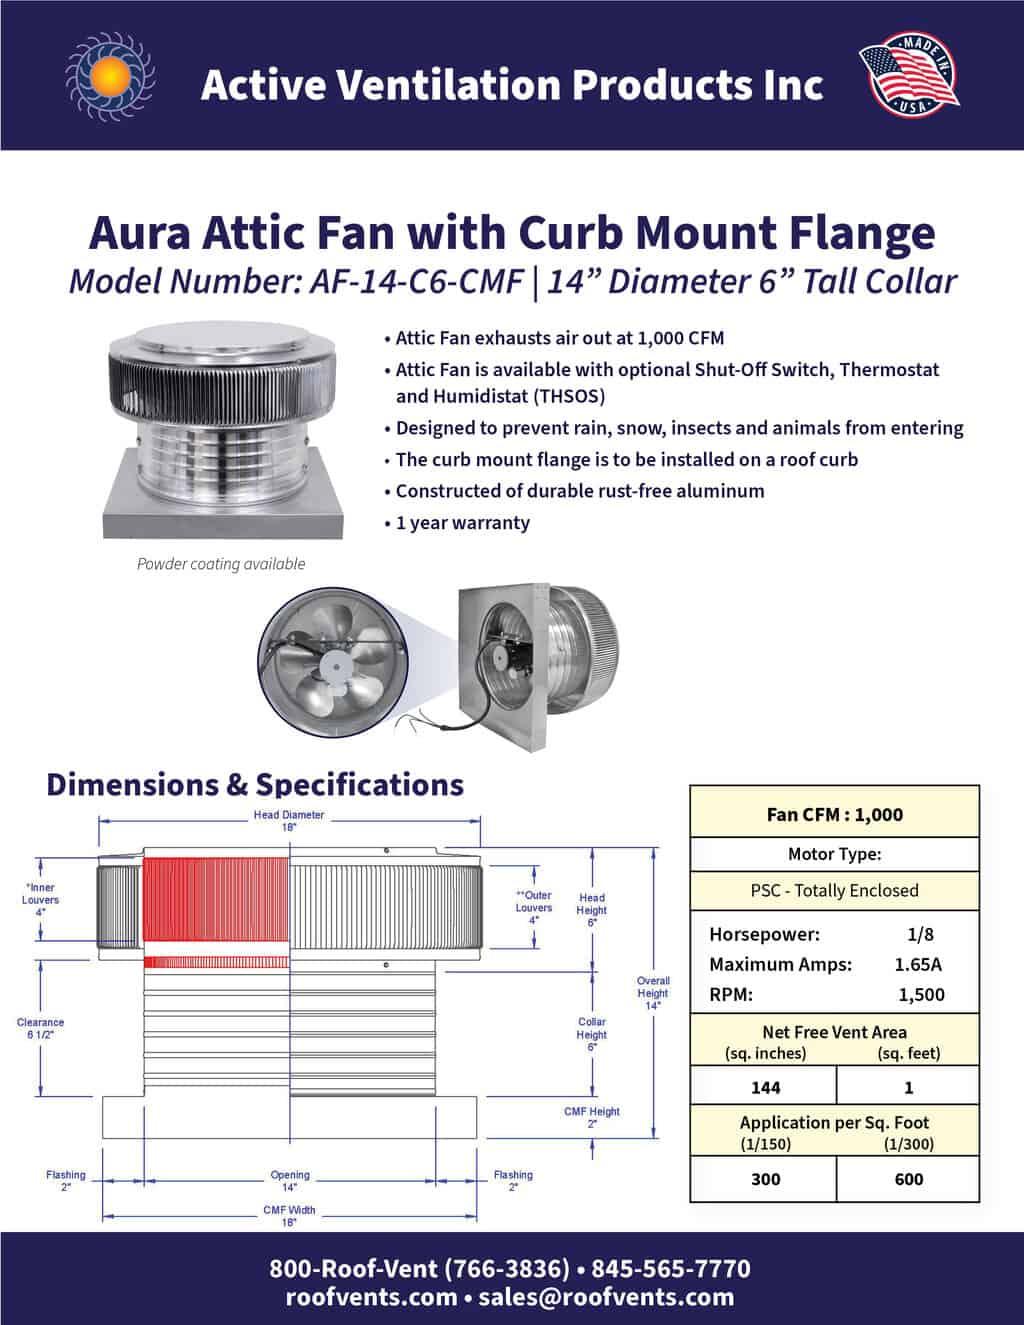 AF-14-C6-CMF-brochure An Exhaust Attic Fan